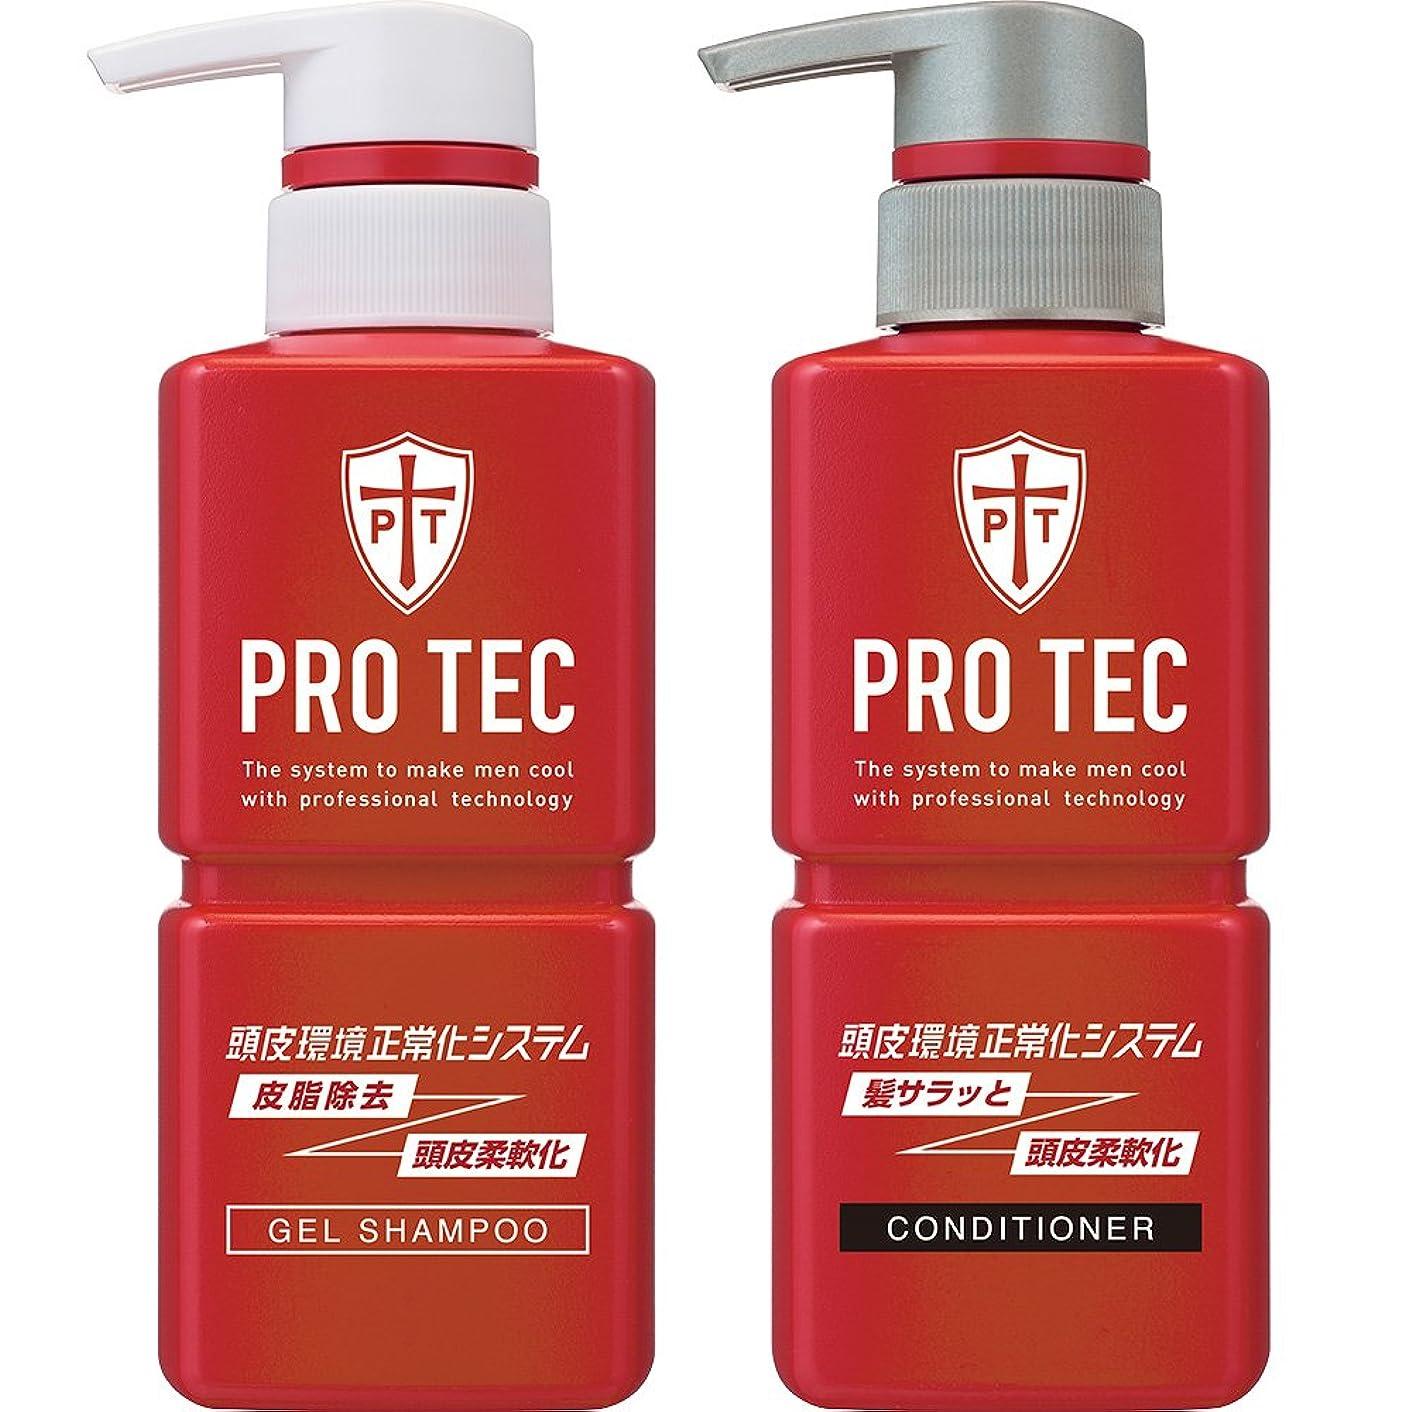 マーカータクシーボリュームPRO TEC(プロテク) 頭皮ストレッチ シャンプー ポンプ 300g(医薬部外品)+ コンディショナー ポンプ 300g